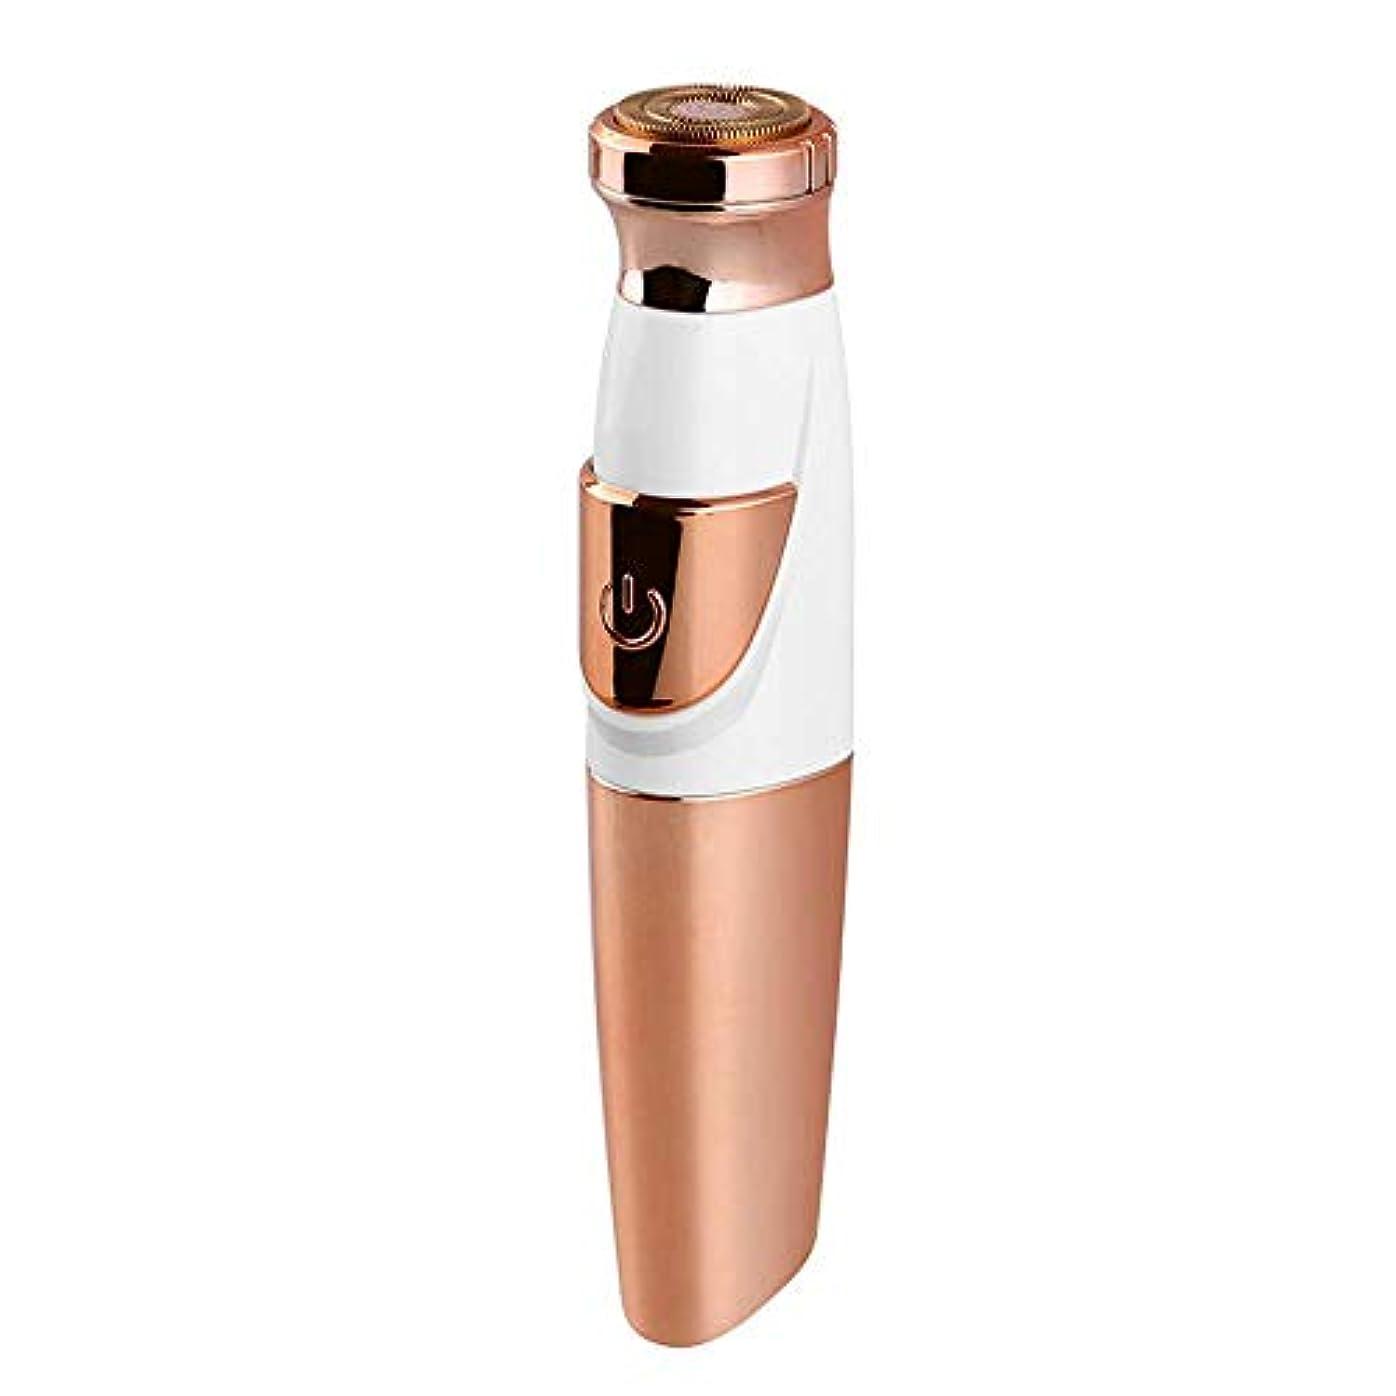 貫入スキム日記女性のためのひげリムーバー、フェイス&ボディ・フェイシャル脱毛器のバッテリーのための完璧なひげトリマーが含まれています